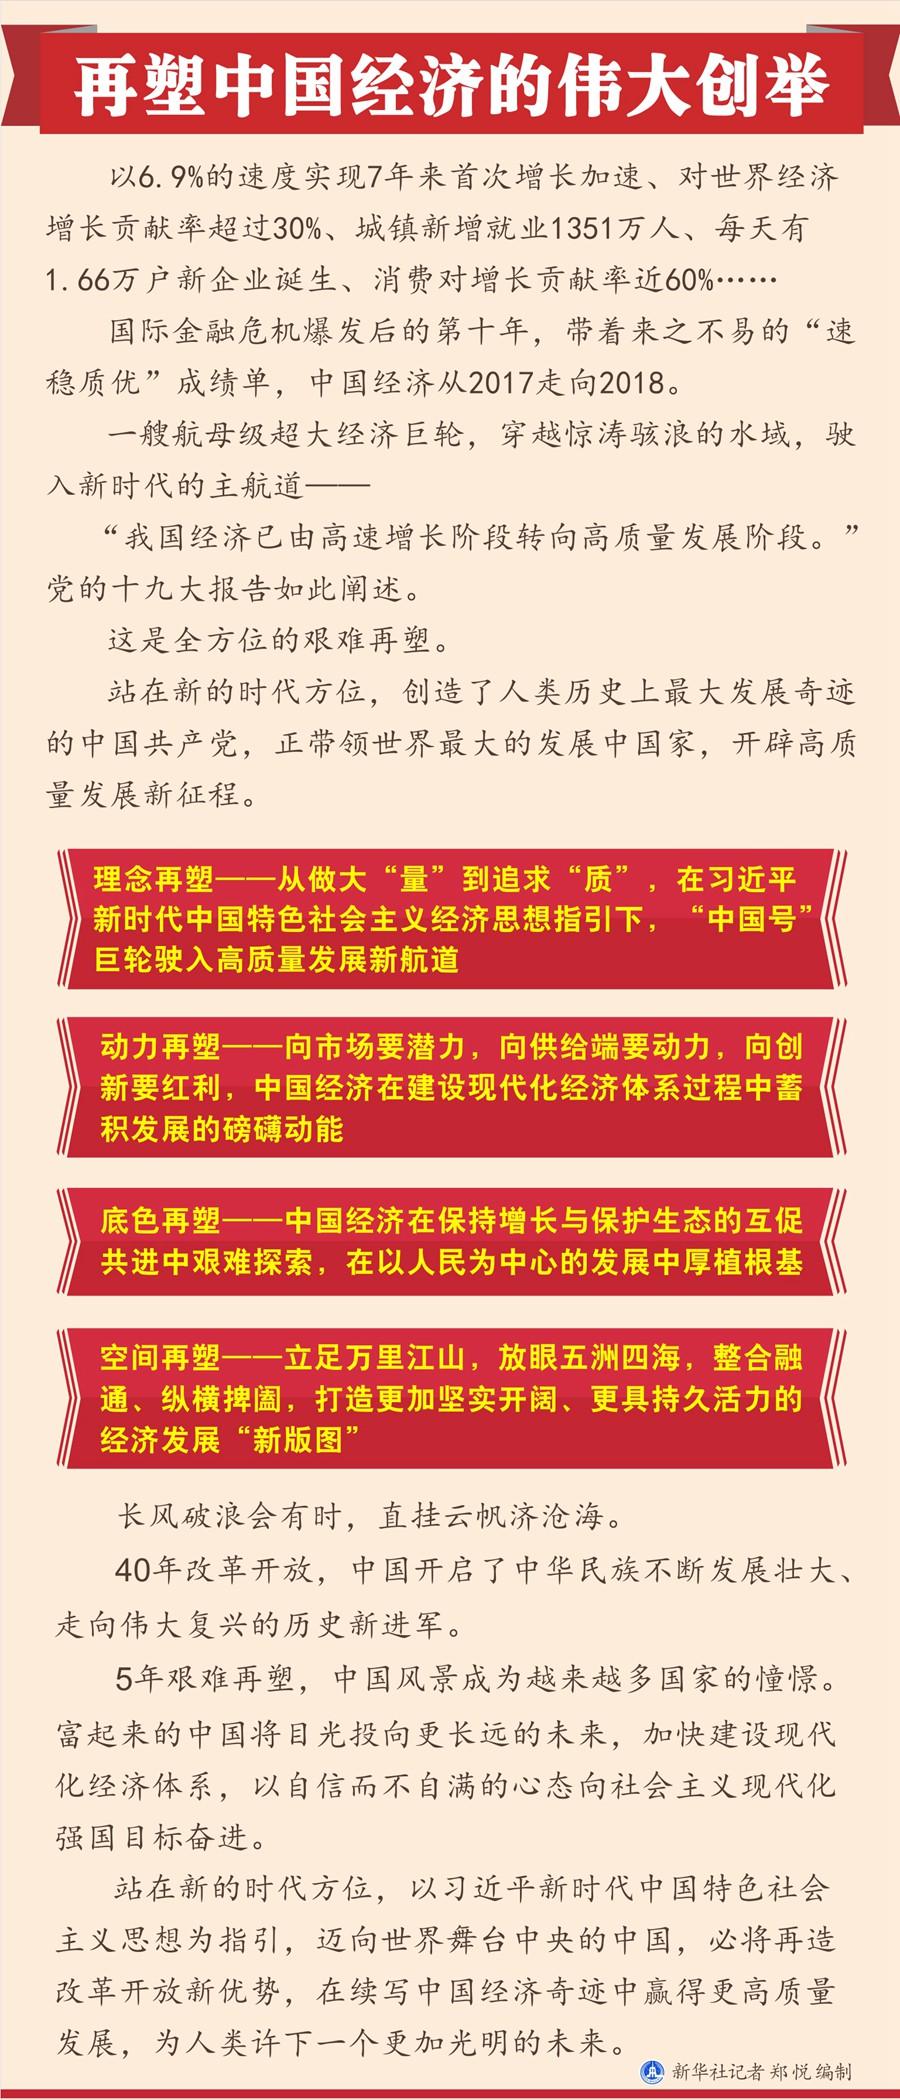 再塑中国经济的伟大创举